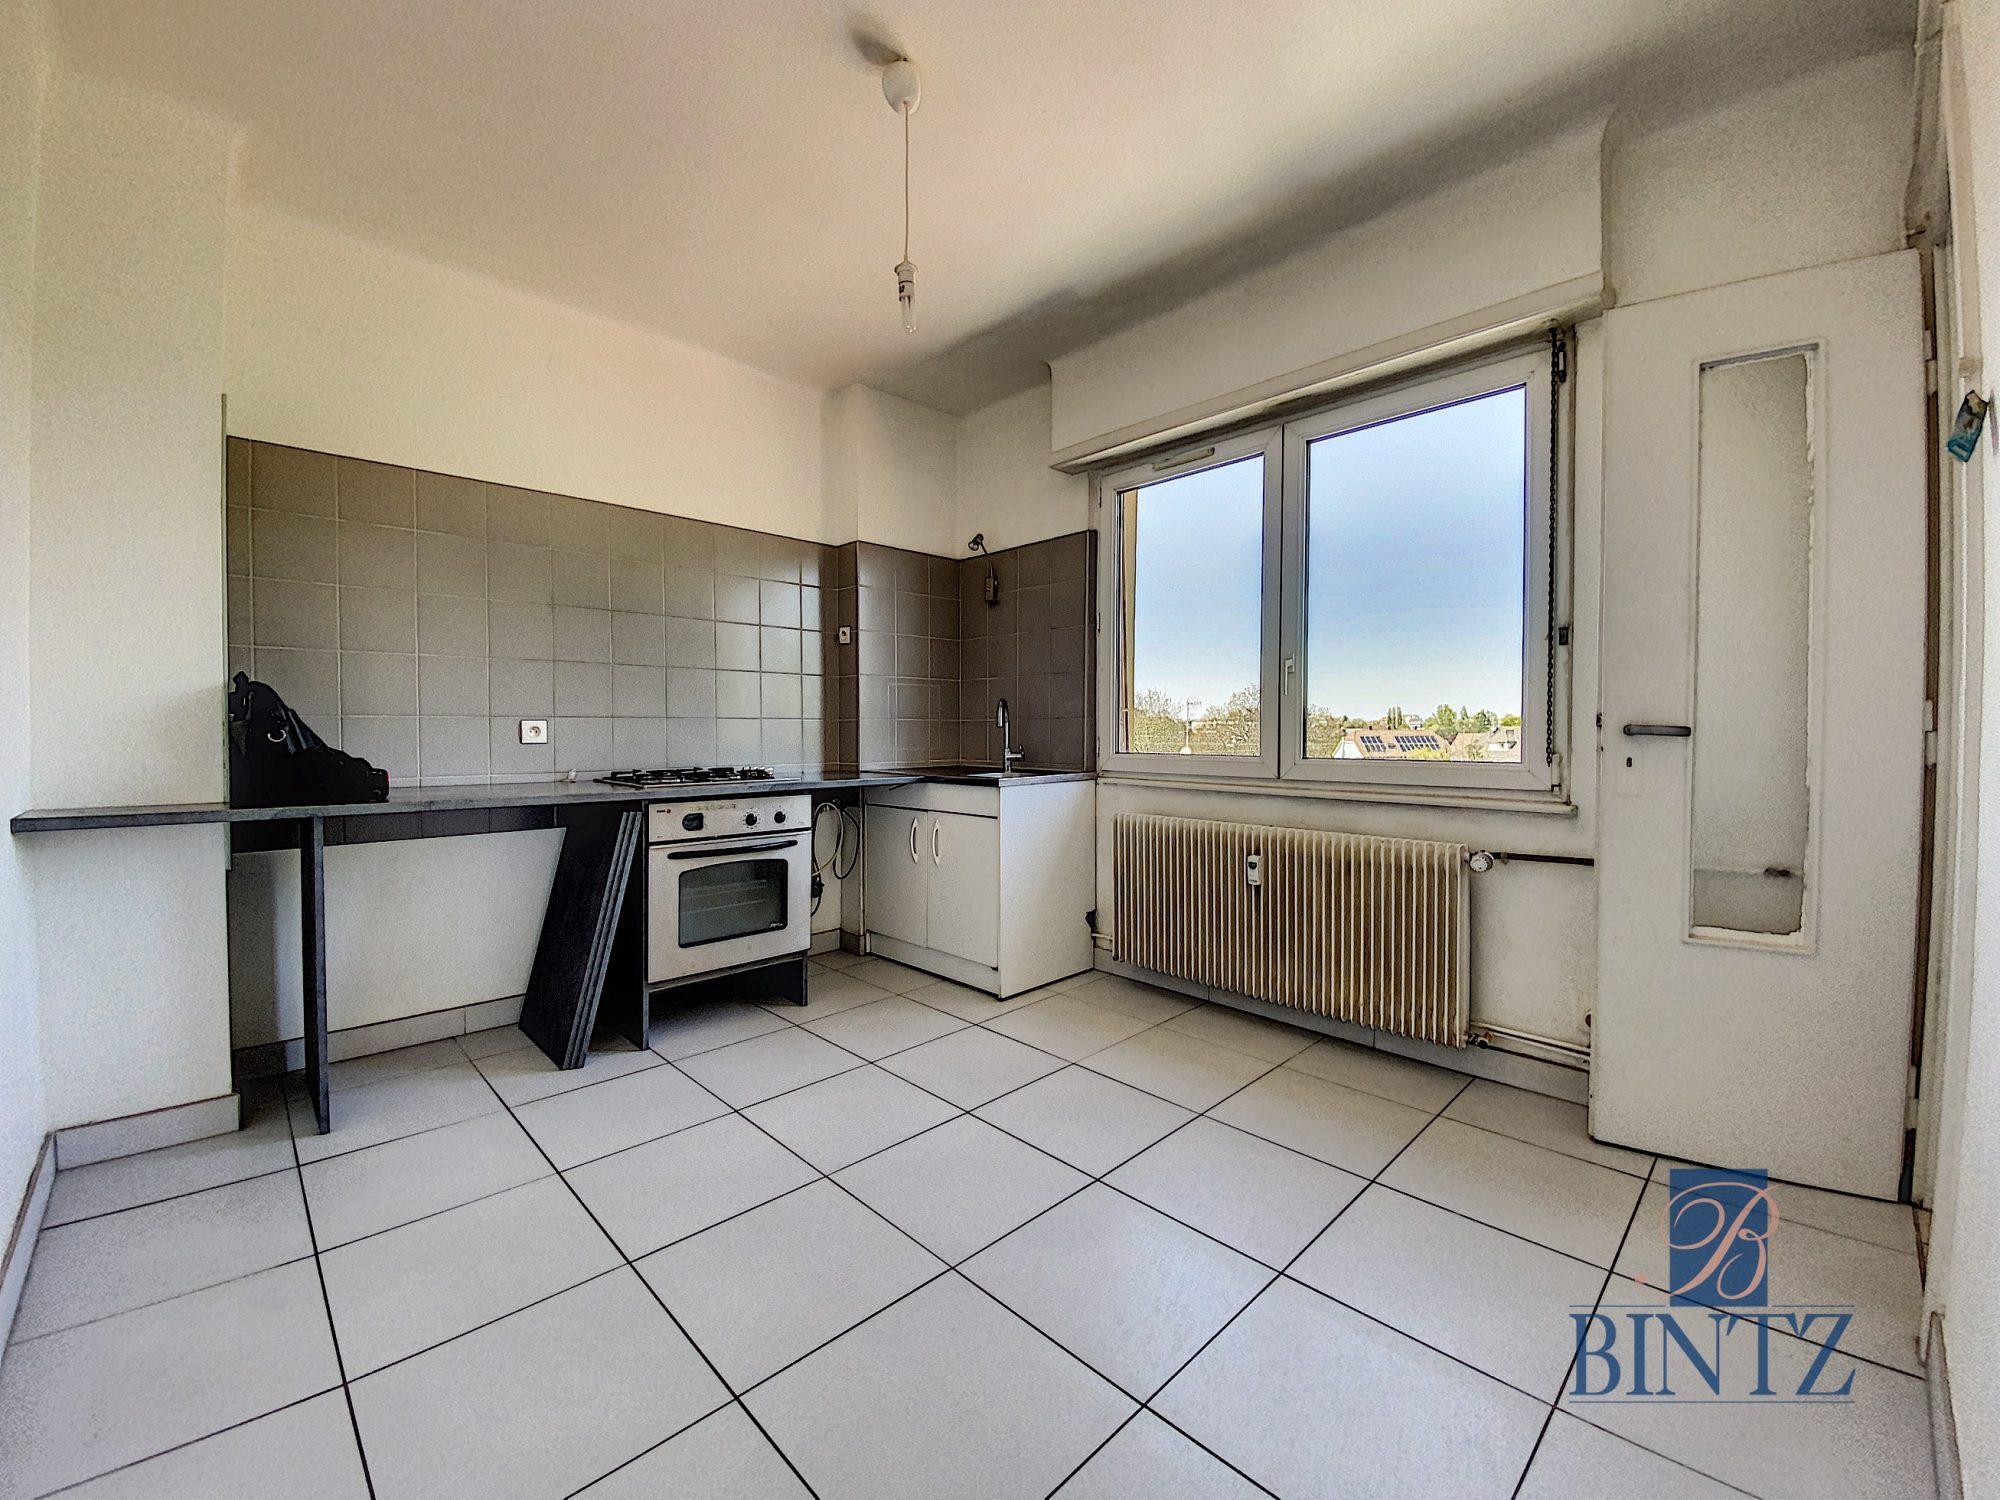 3P MONTAGNE VERTE - Devenez locataire en toute sérénité - Bintz Immobilier - 3